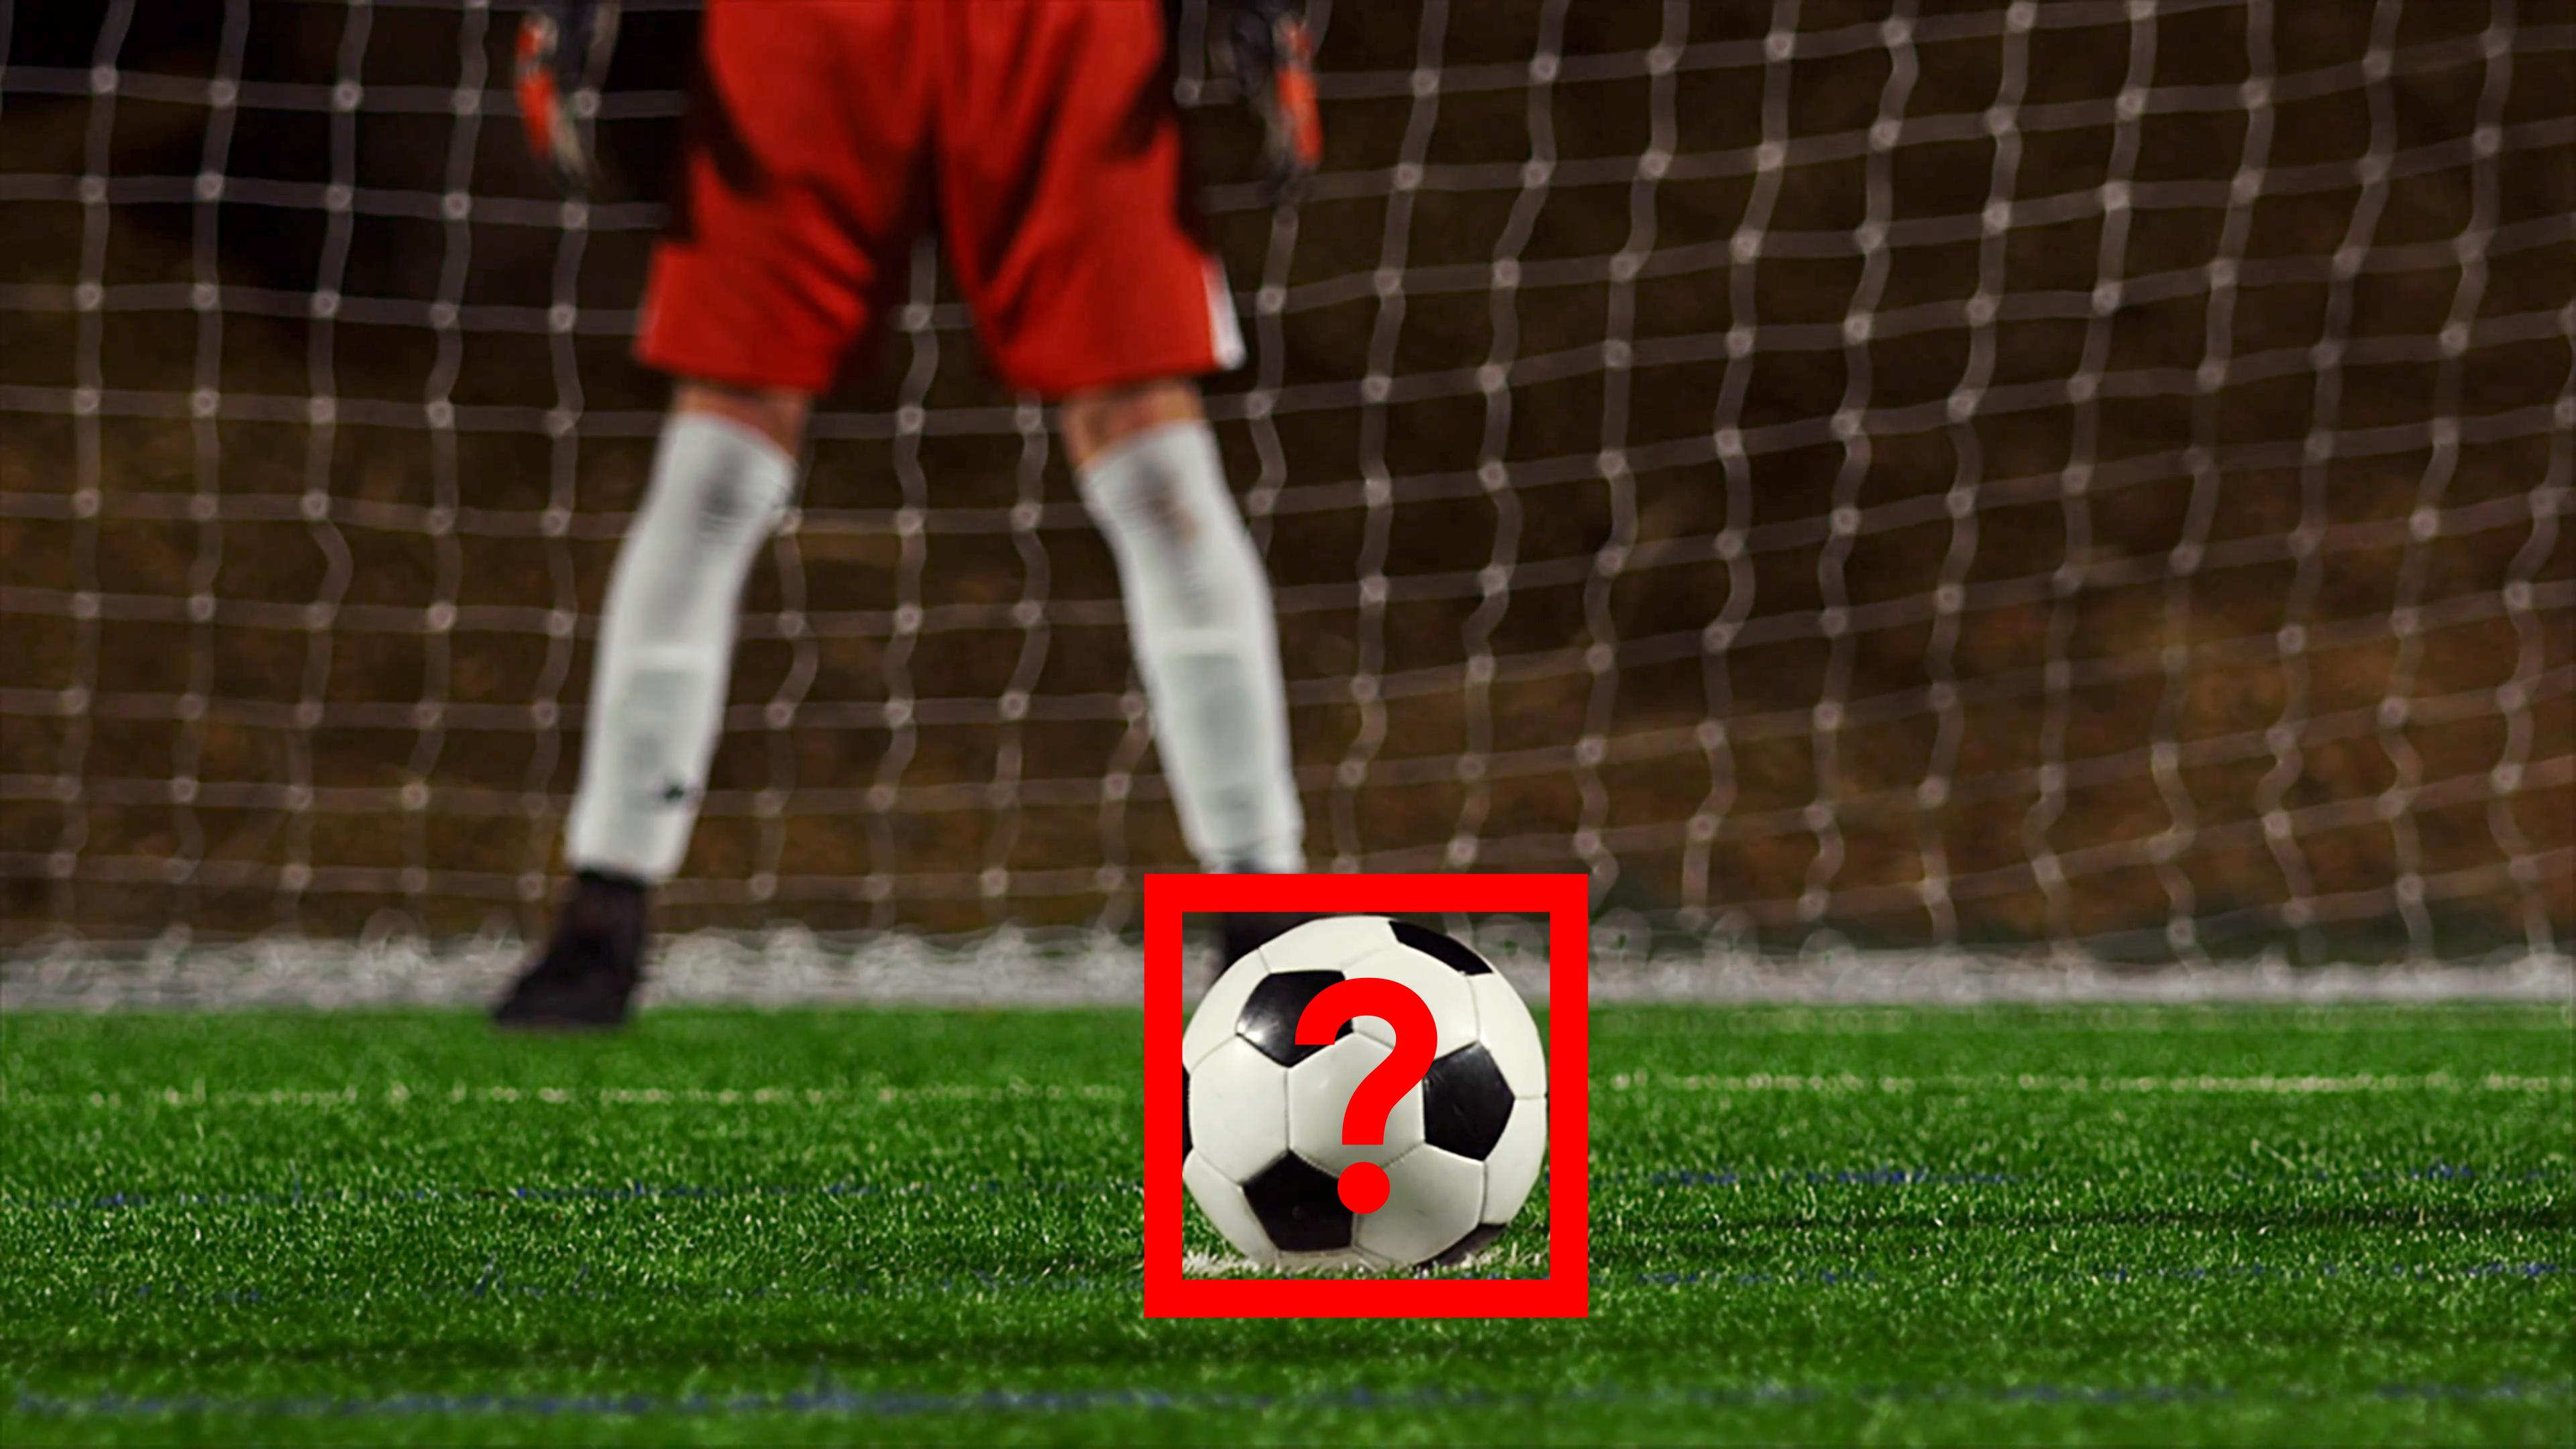 ล็อคผลบอล กับการโกงการแข่งขันฟุตบอล ที่ส่งบอลของการแทงบอลของคุณ